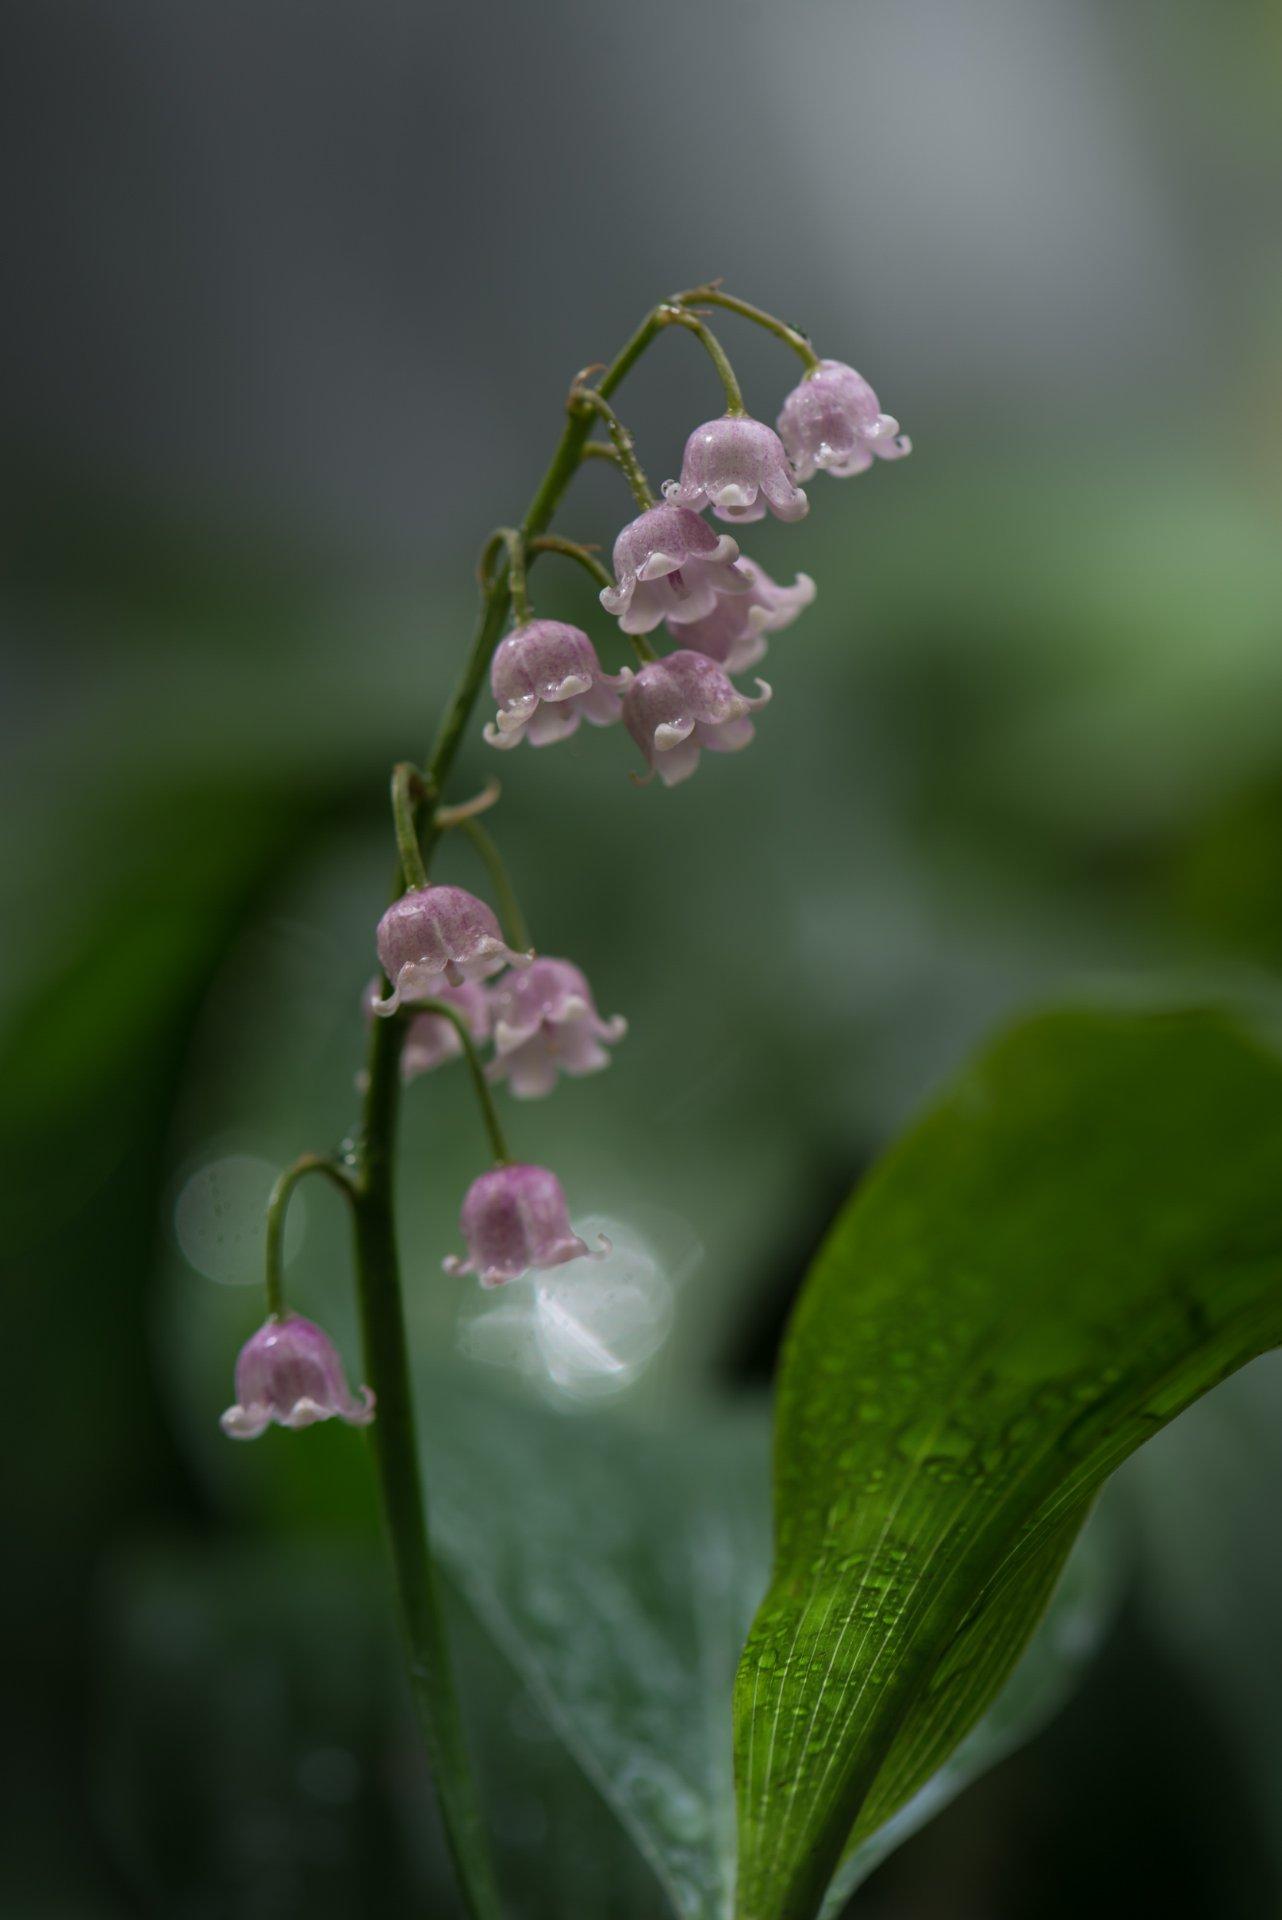 природа, макро, весна, цветы, розовый ландыш, капли дождя, Неля Рачкова